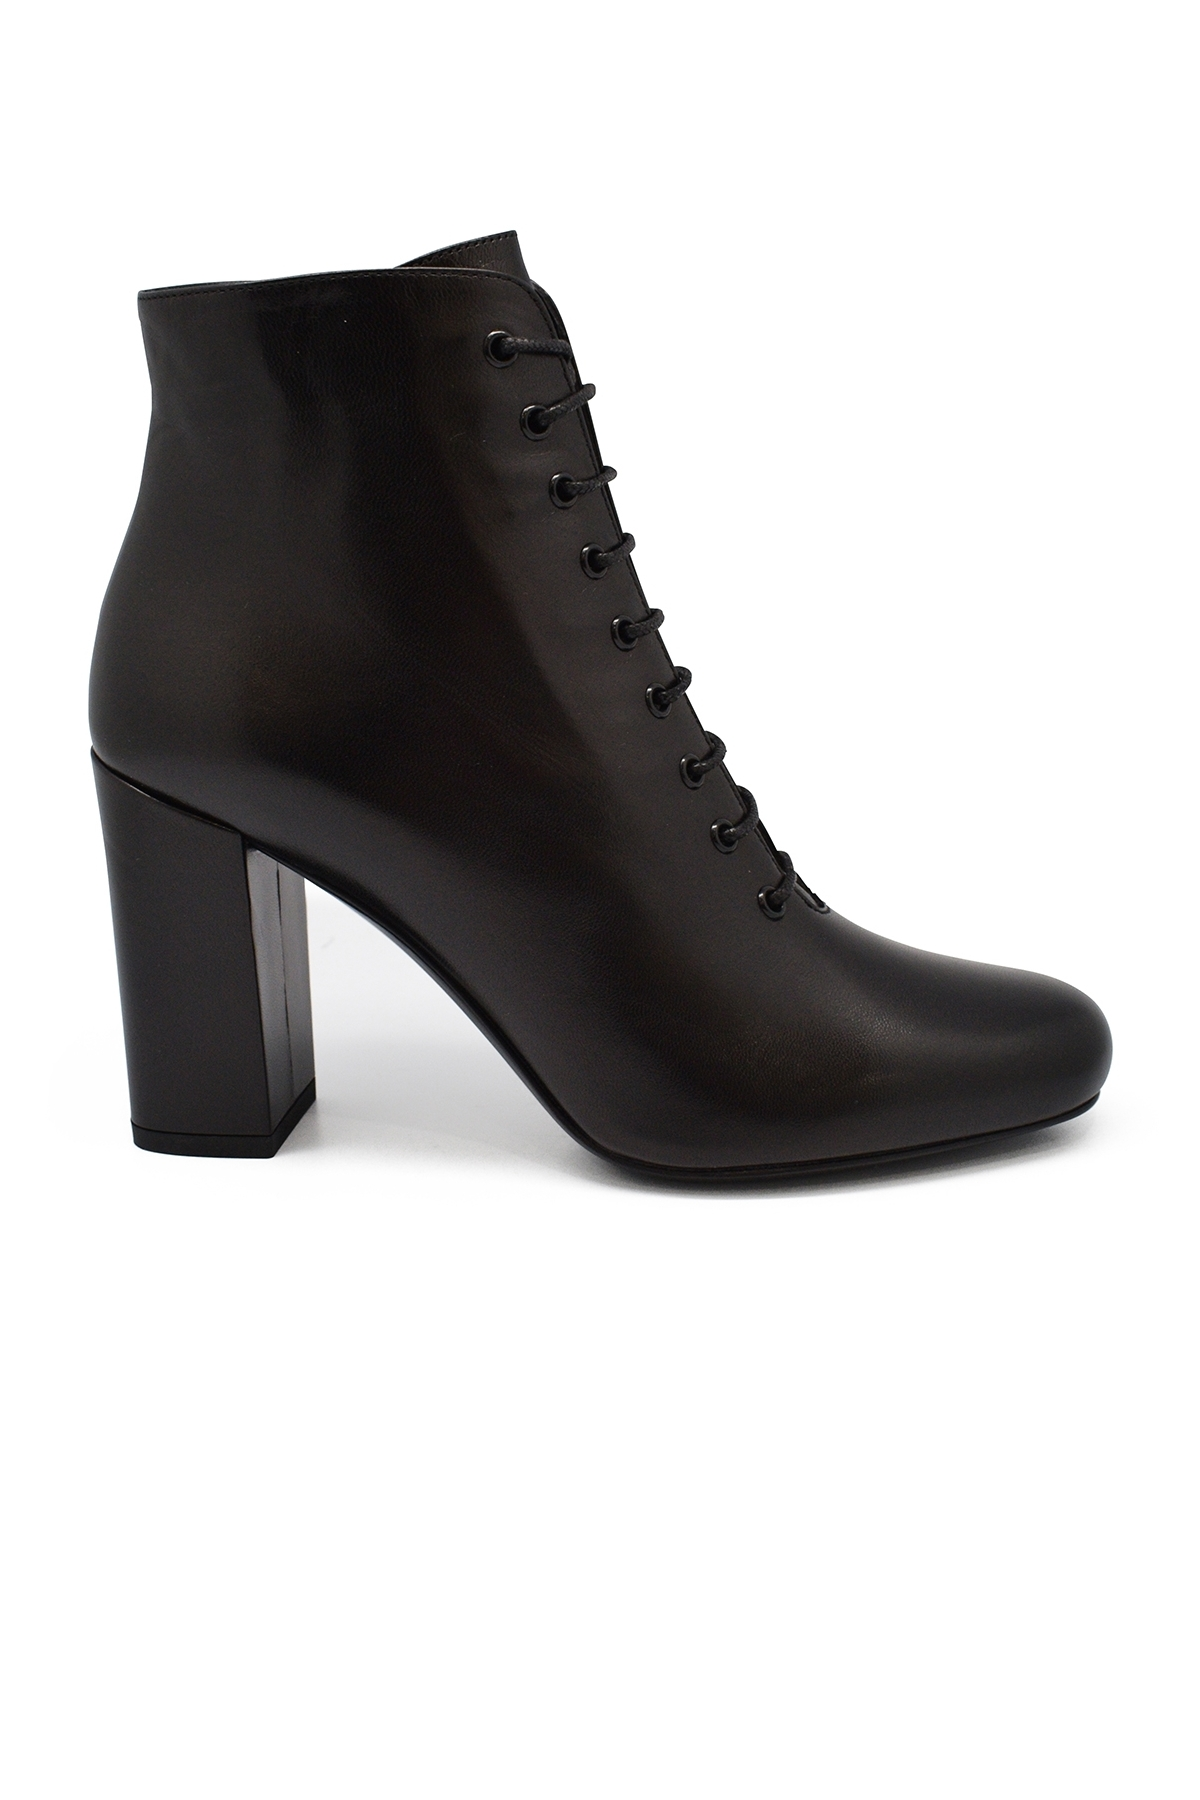 Saint Laurent Babies 90 lace-up black boots